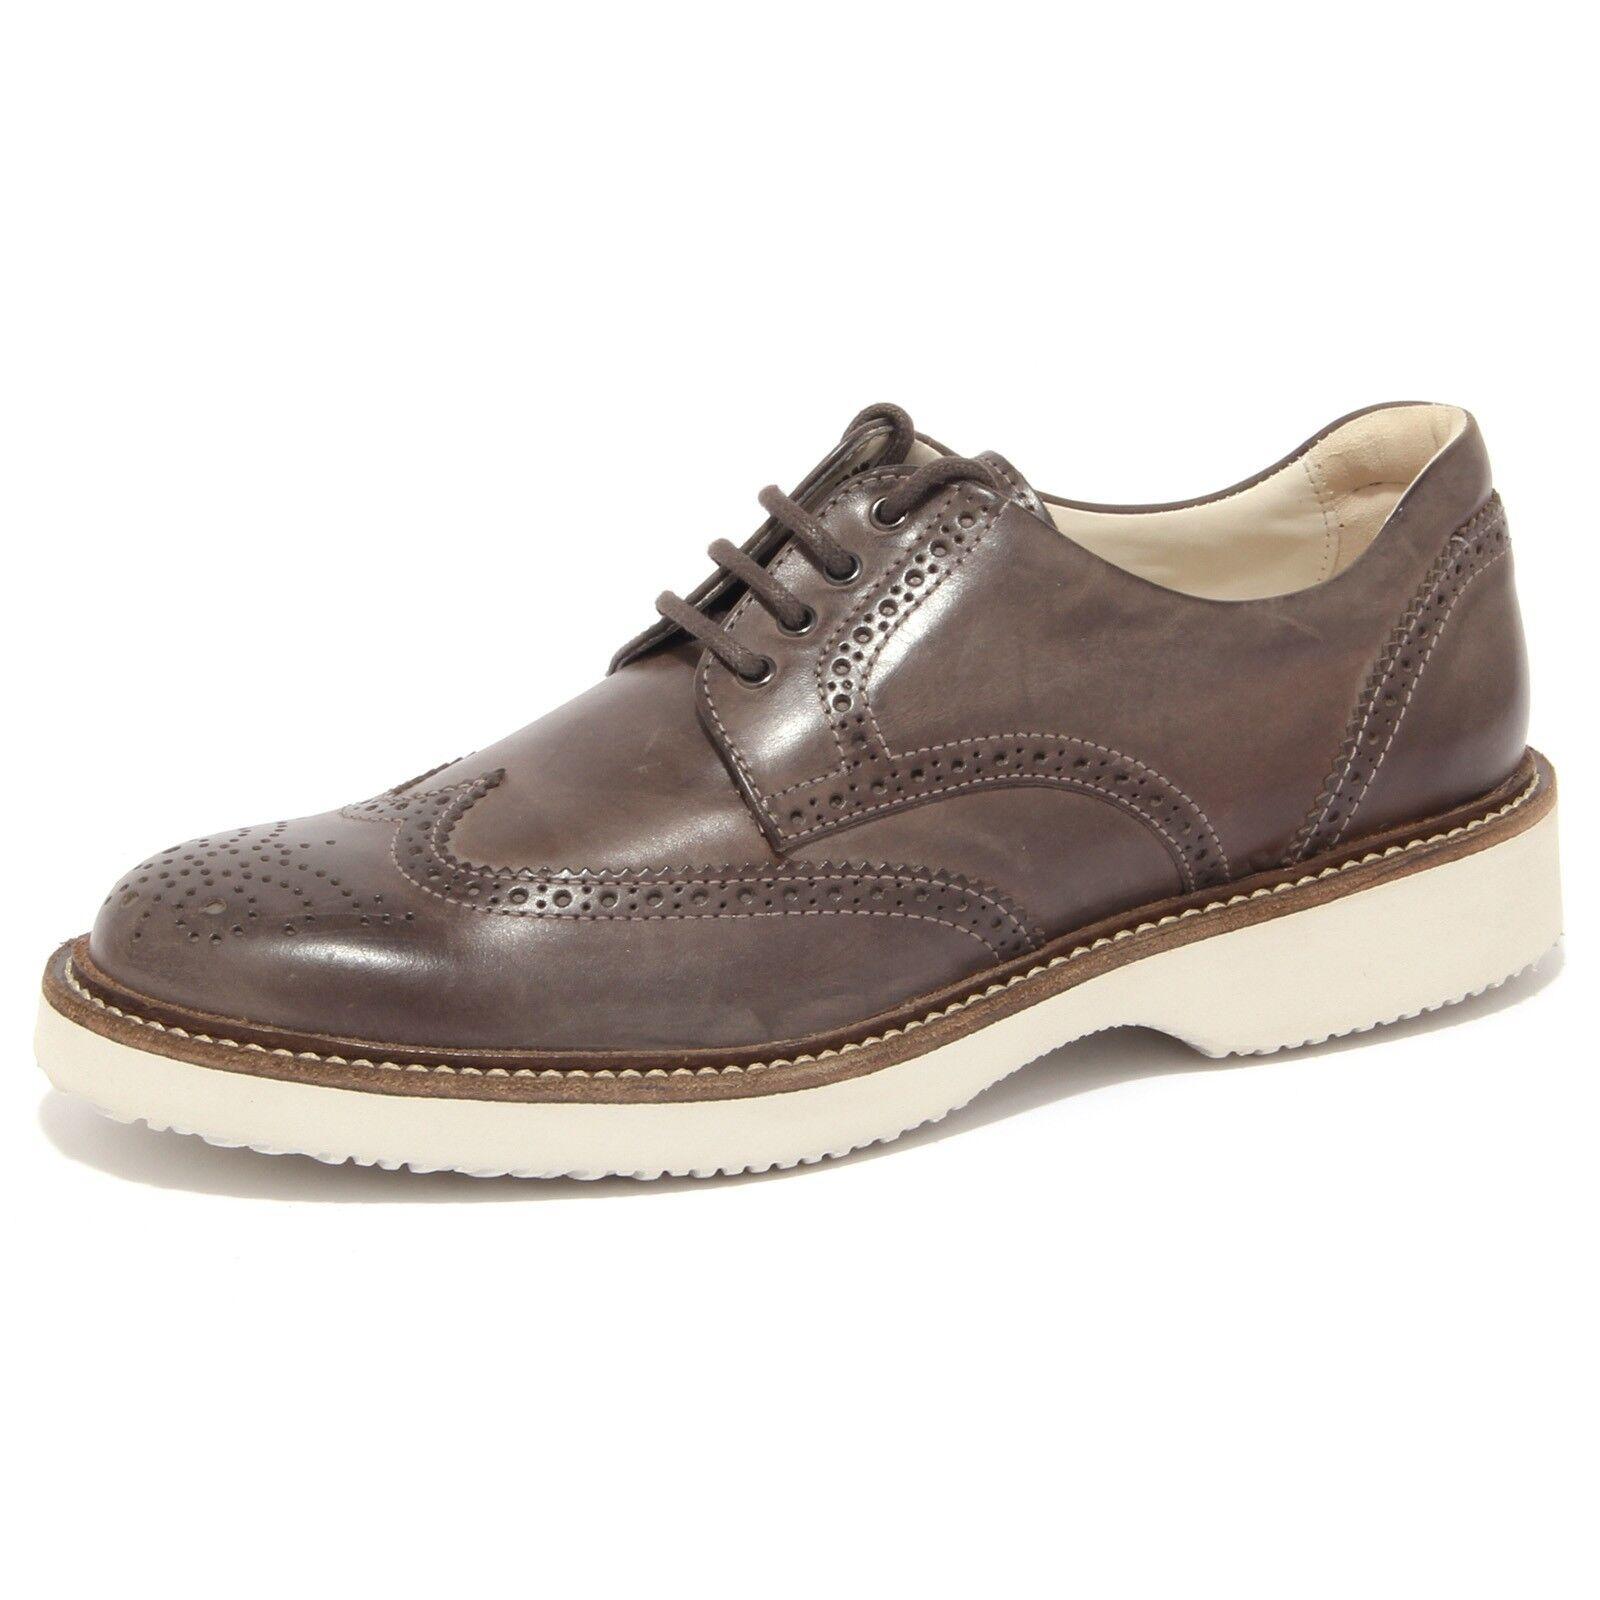 90242 scarpa HOGAN BUCATURE H 217 ROUTE DERBY BUCATURE HOGAN uomo shoes men dca9c3